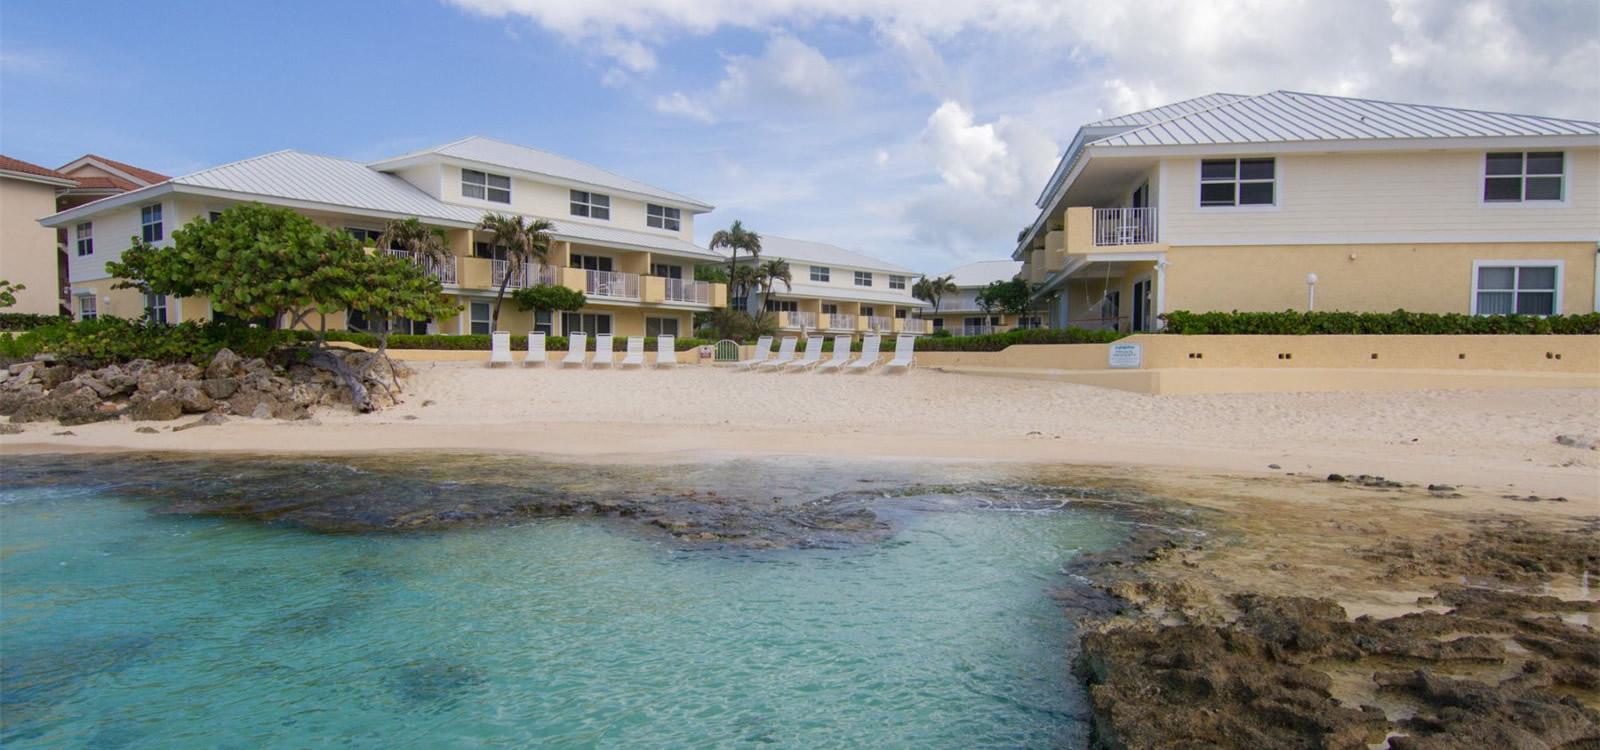 Grand Cayman Condo For Sale Seven Mile Beach